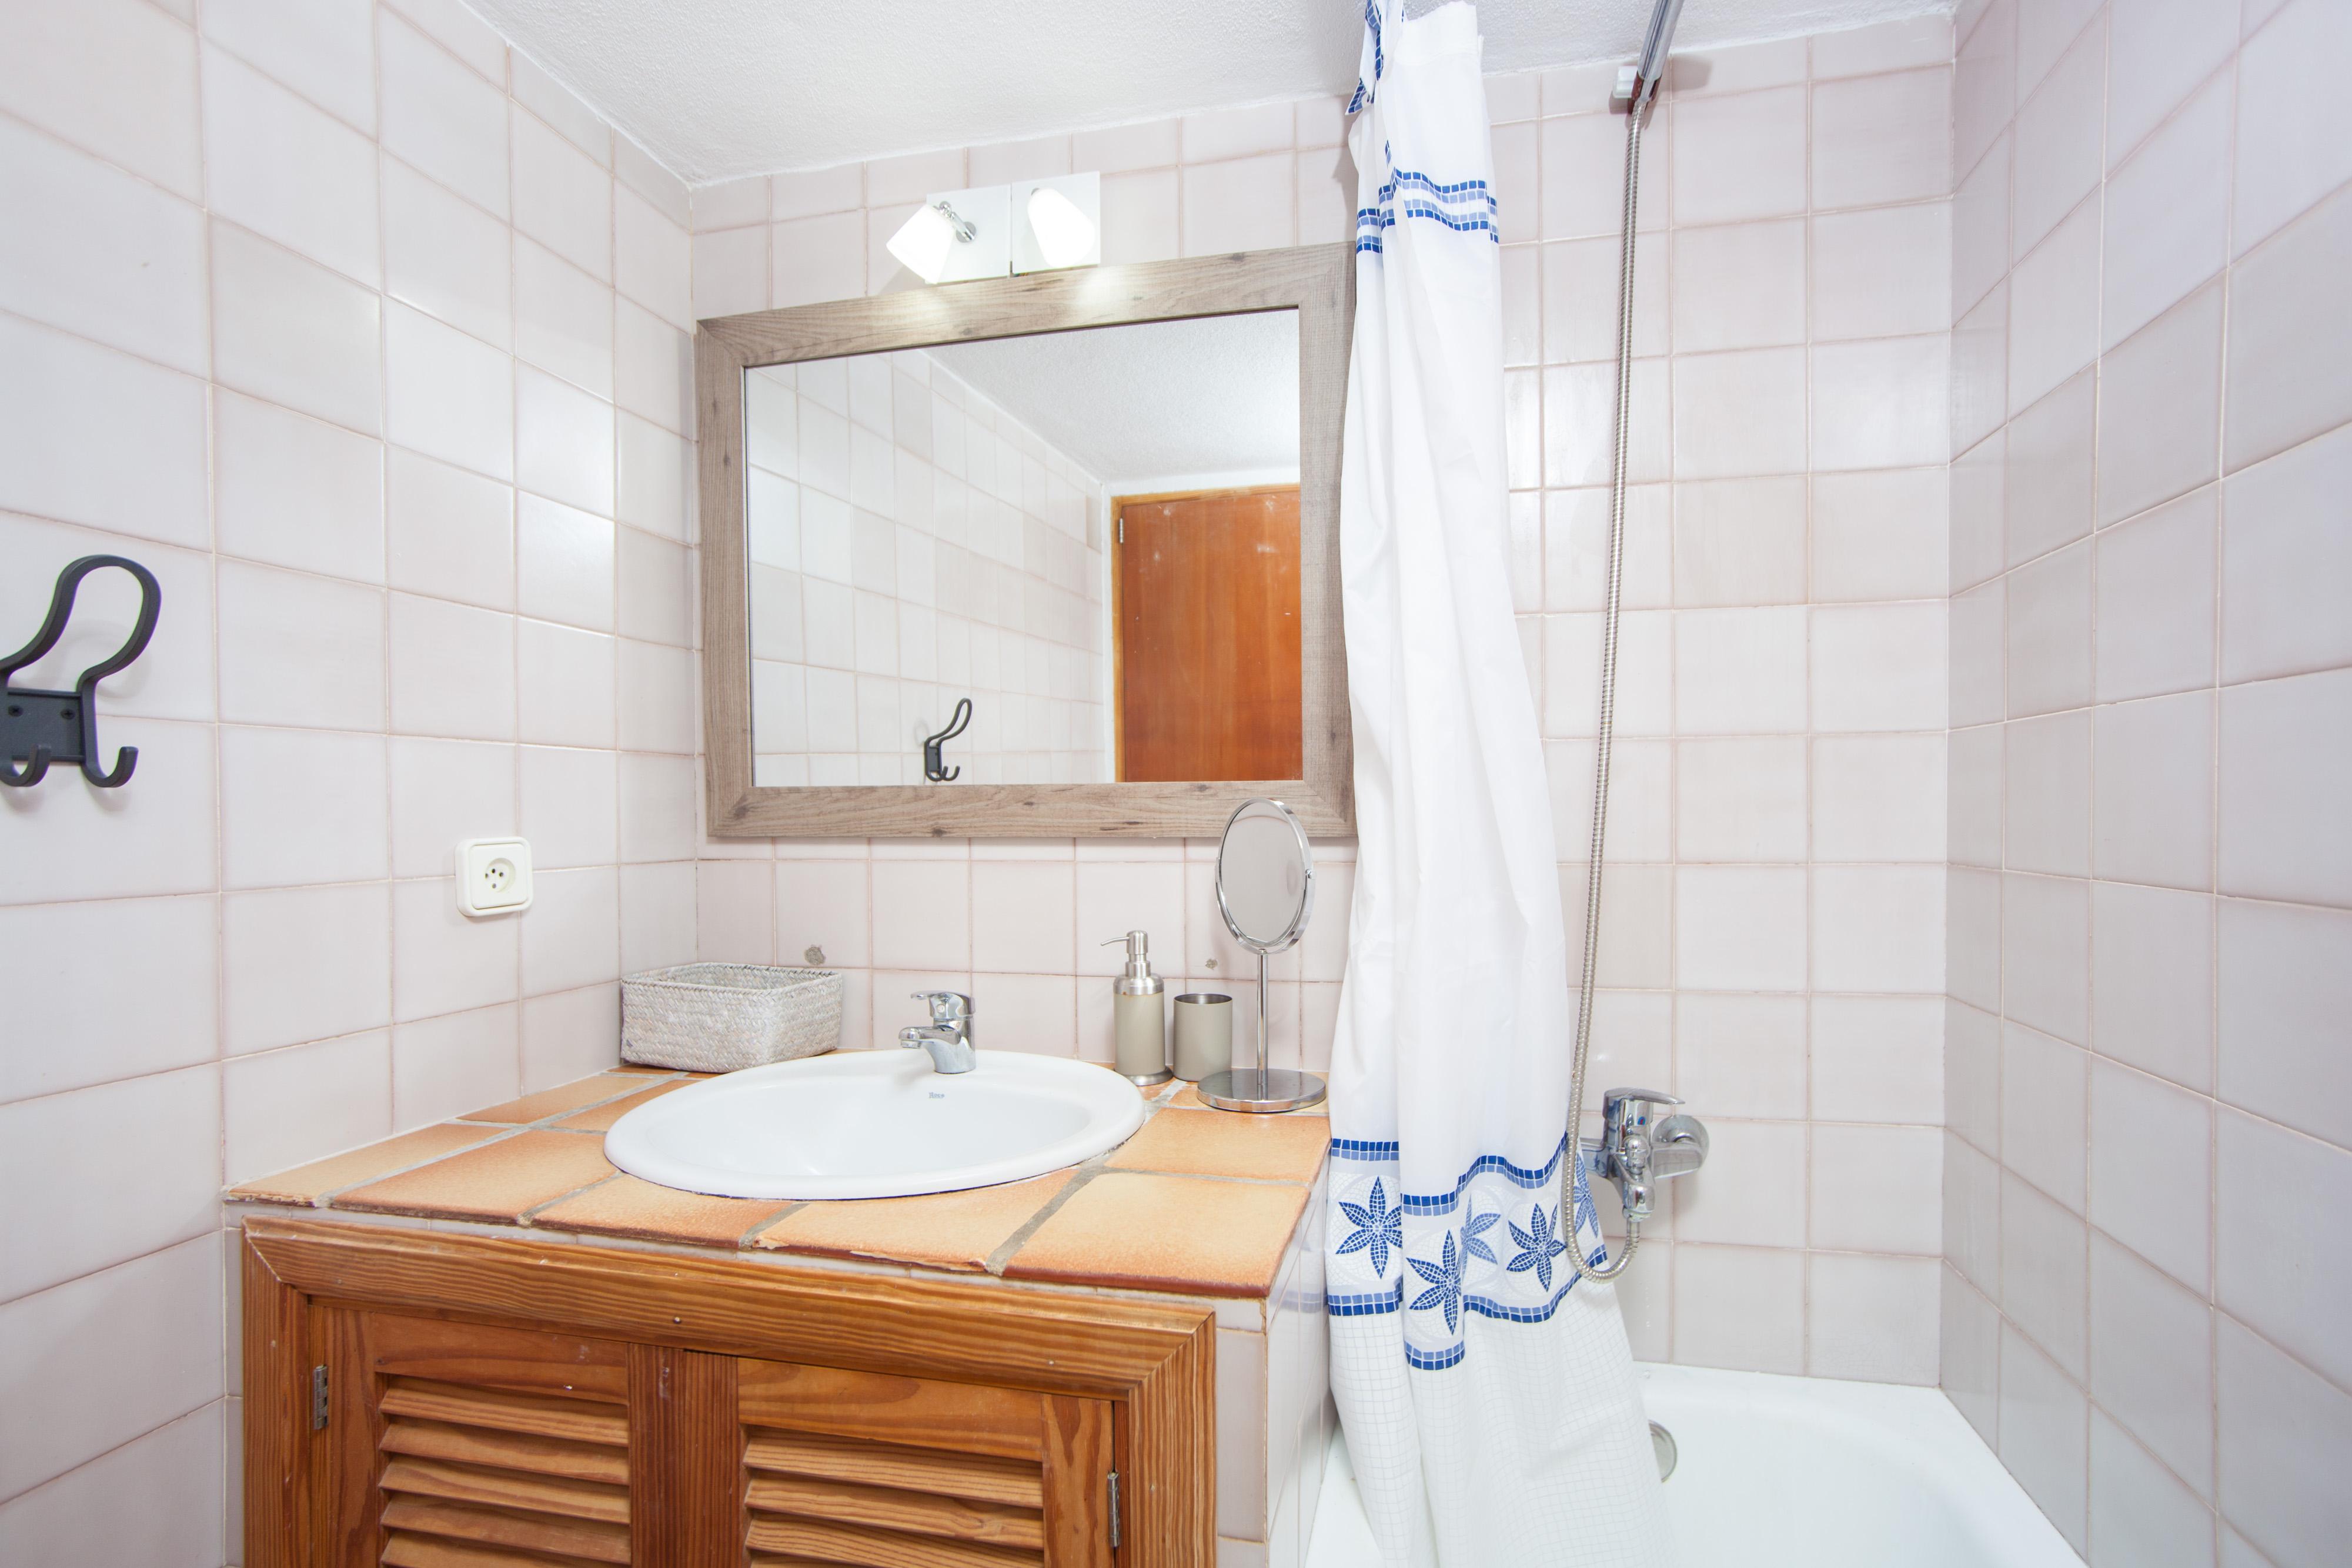 Ferienhaus SA BARQUETA (2177991), Colonia de Sant Pere, Mallorca, Balearische Inseln, Spanien, Bild 18